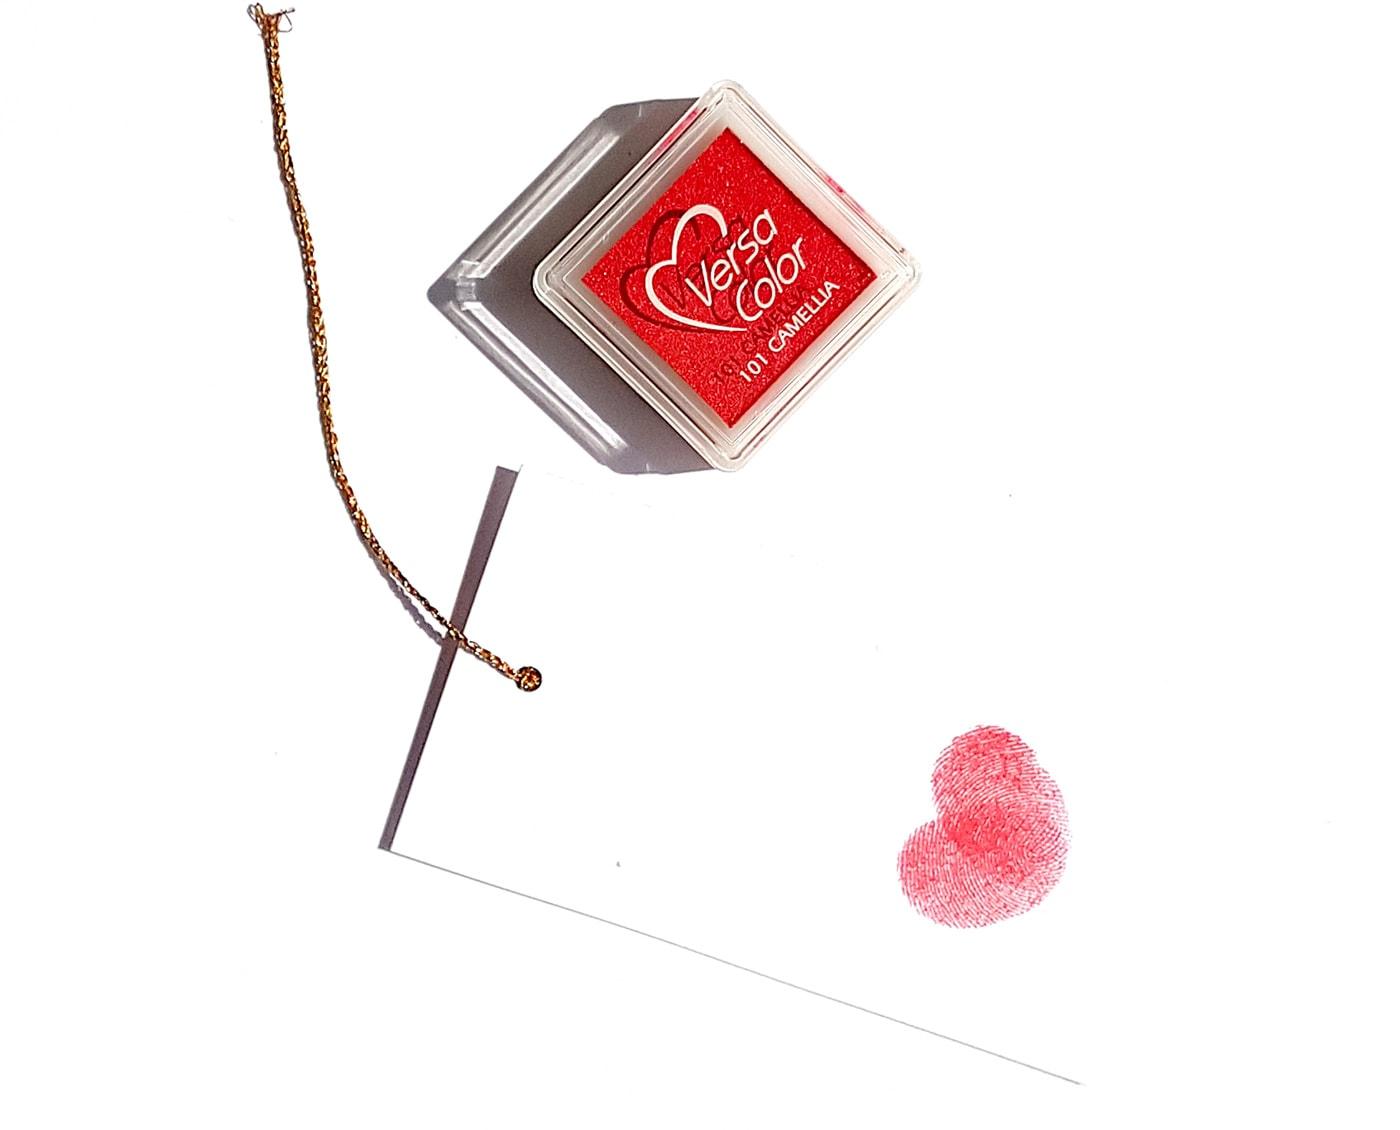 Poduszka do stempli Versacolor z tuszem pigmentowym w kolorze płomiennej czerwieni